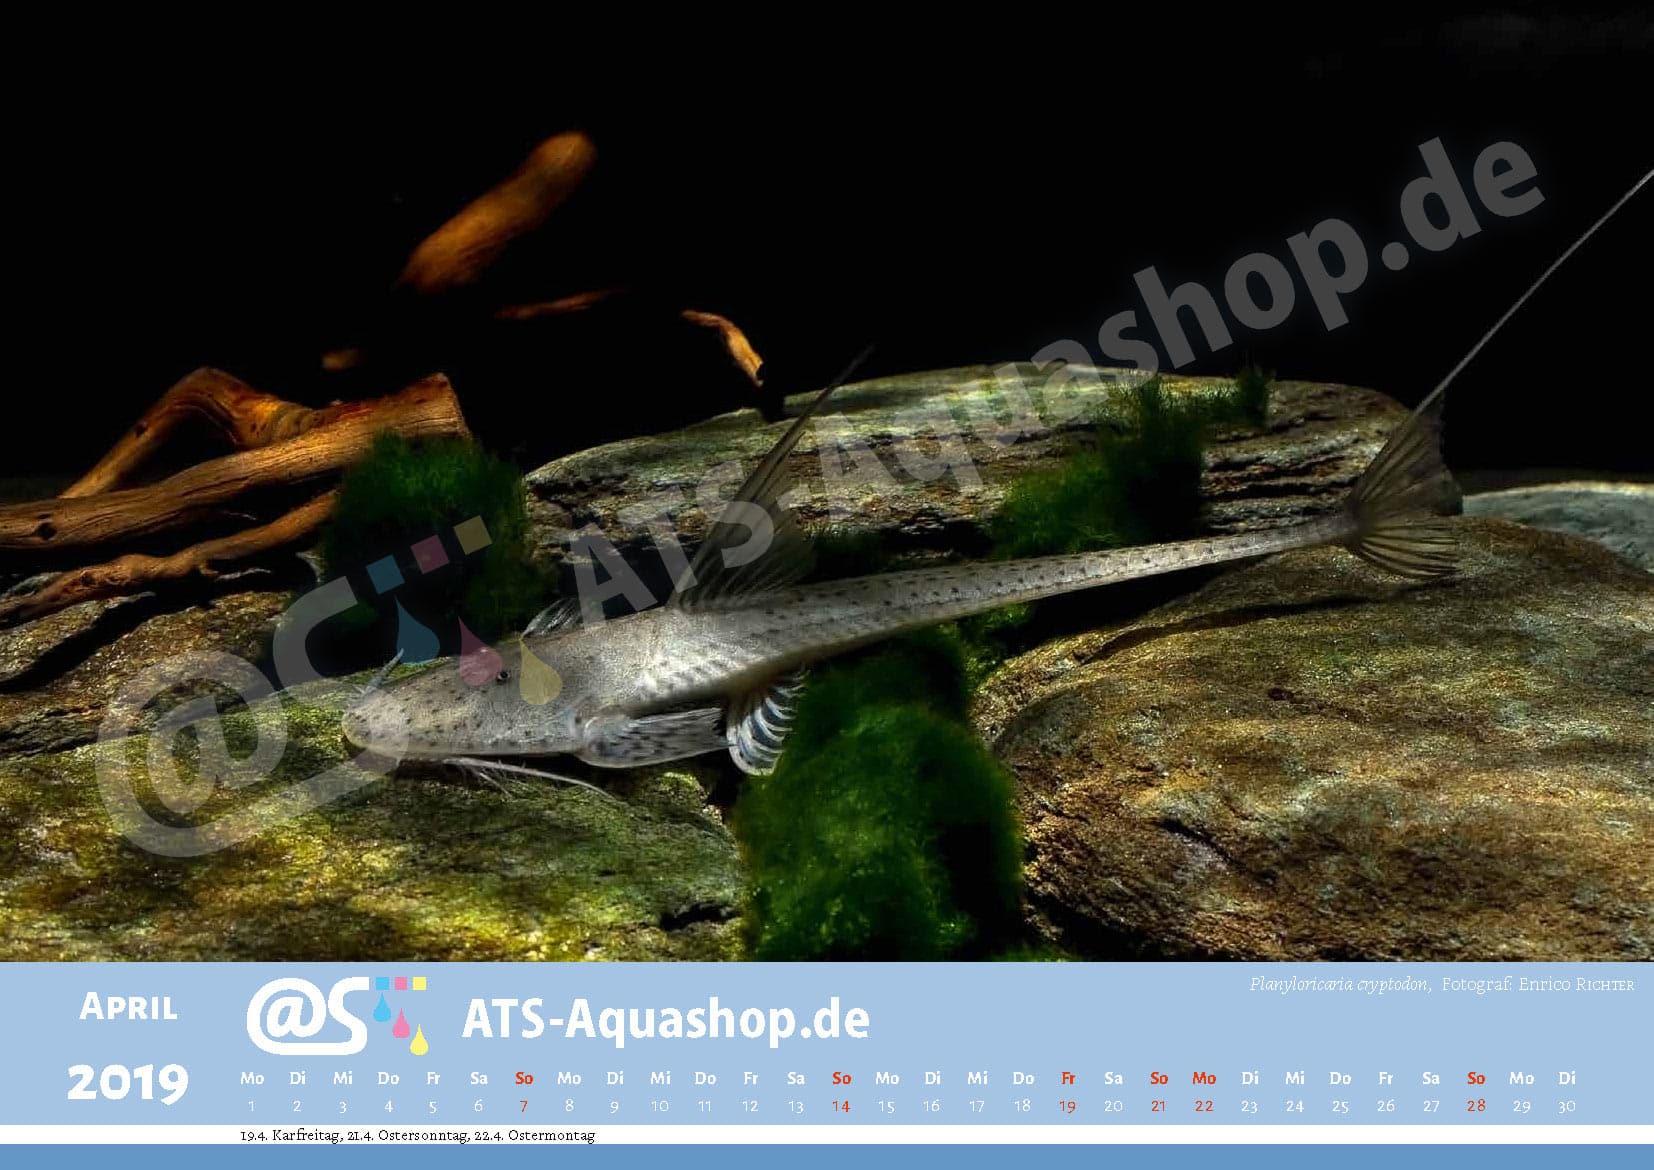 Photo calendar 2019 DIN A3: Planiloricaria cryptodon